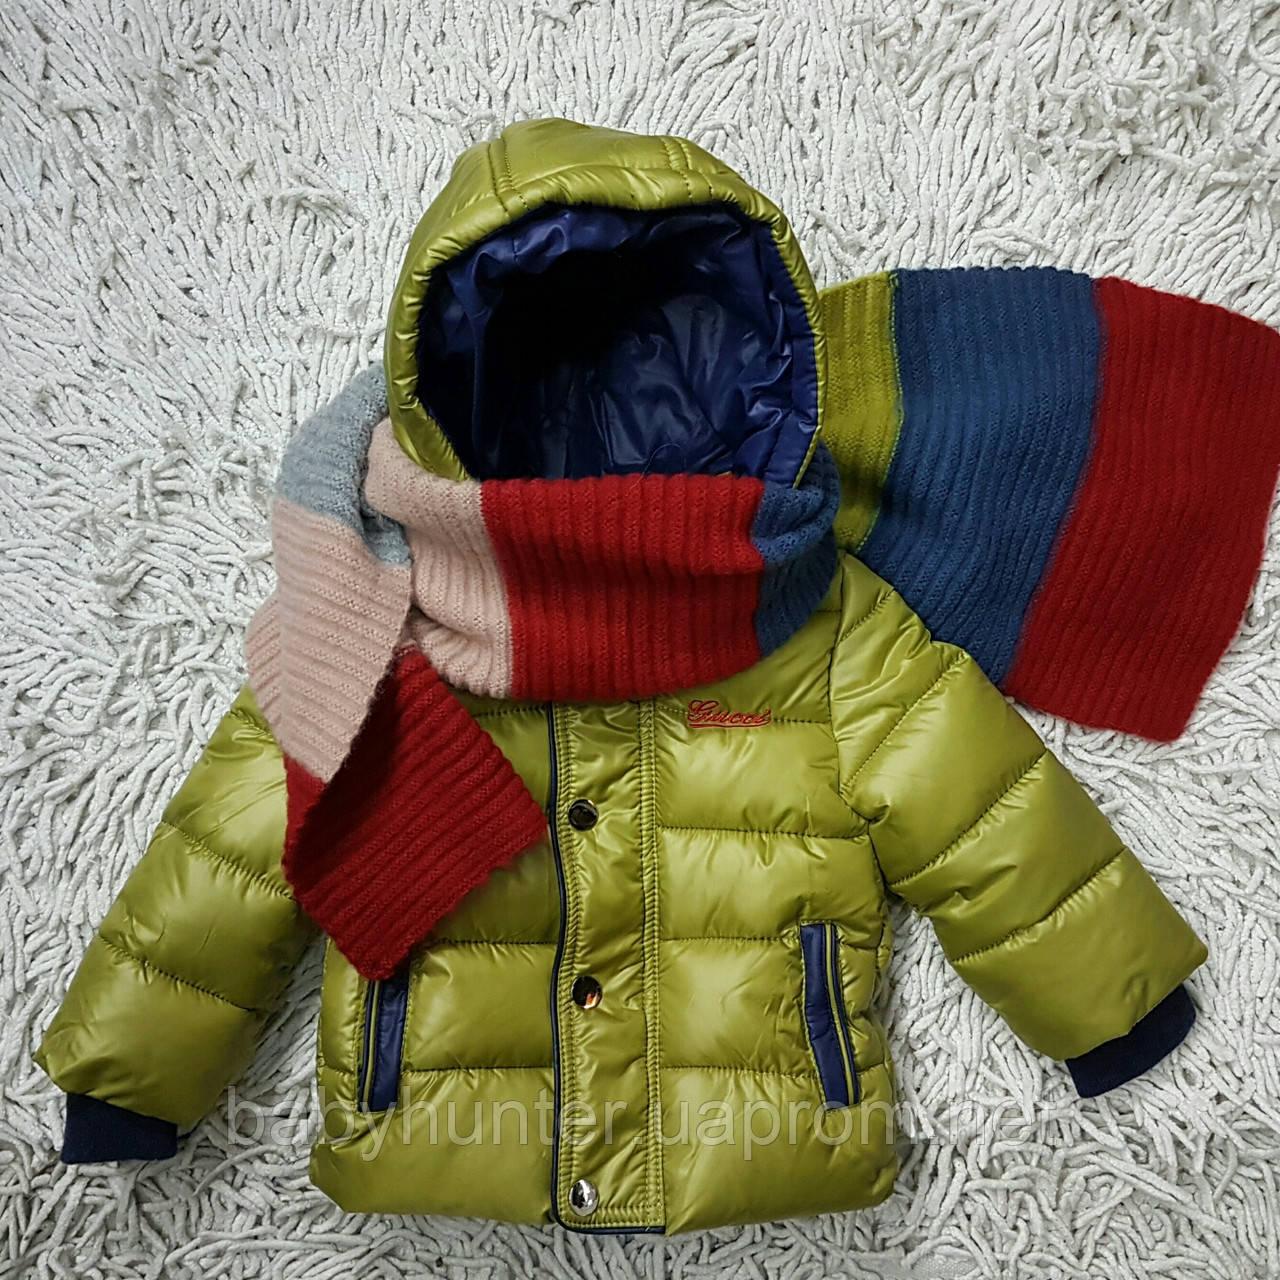 ba1ba3865d2e Куртки Детские Gucci — в Категории